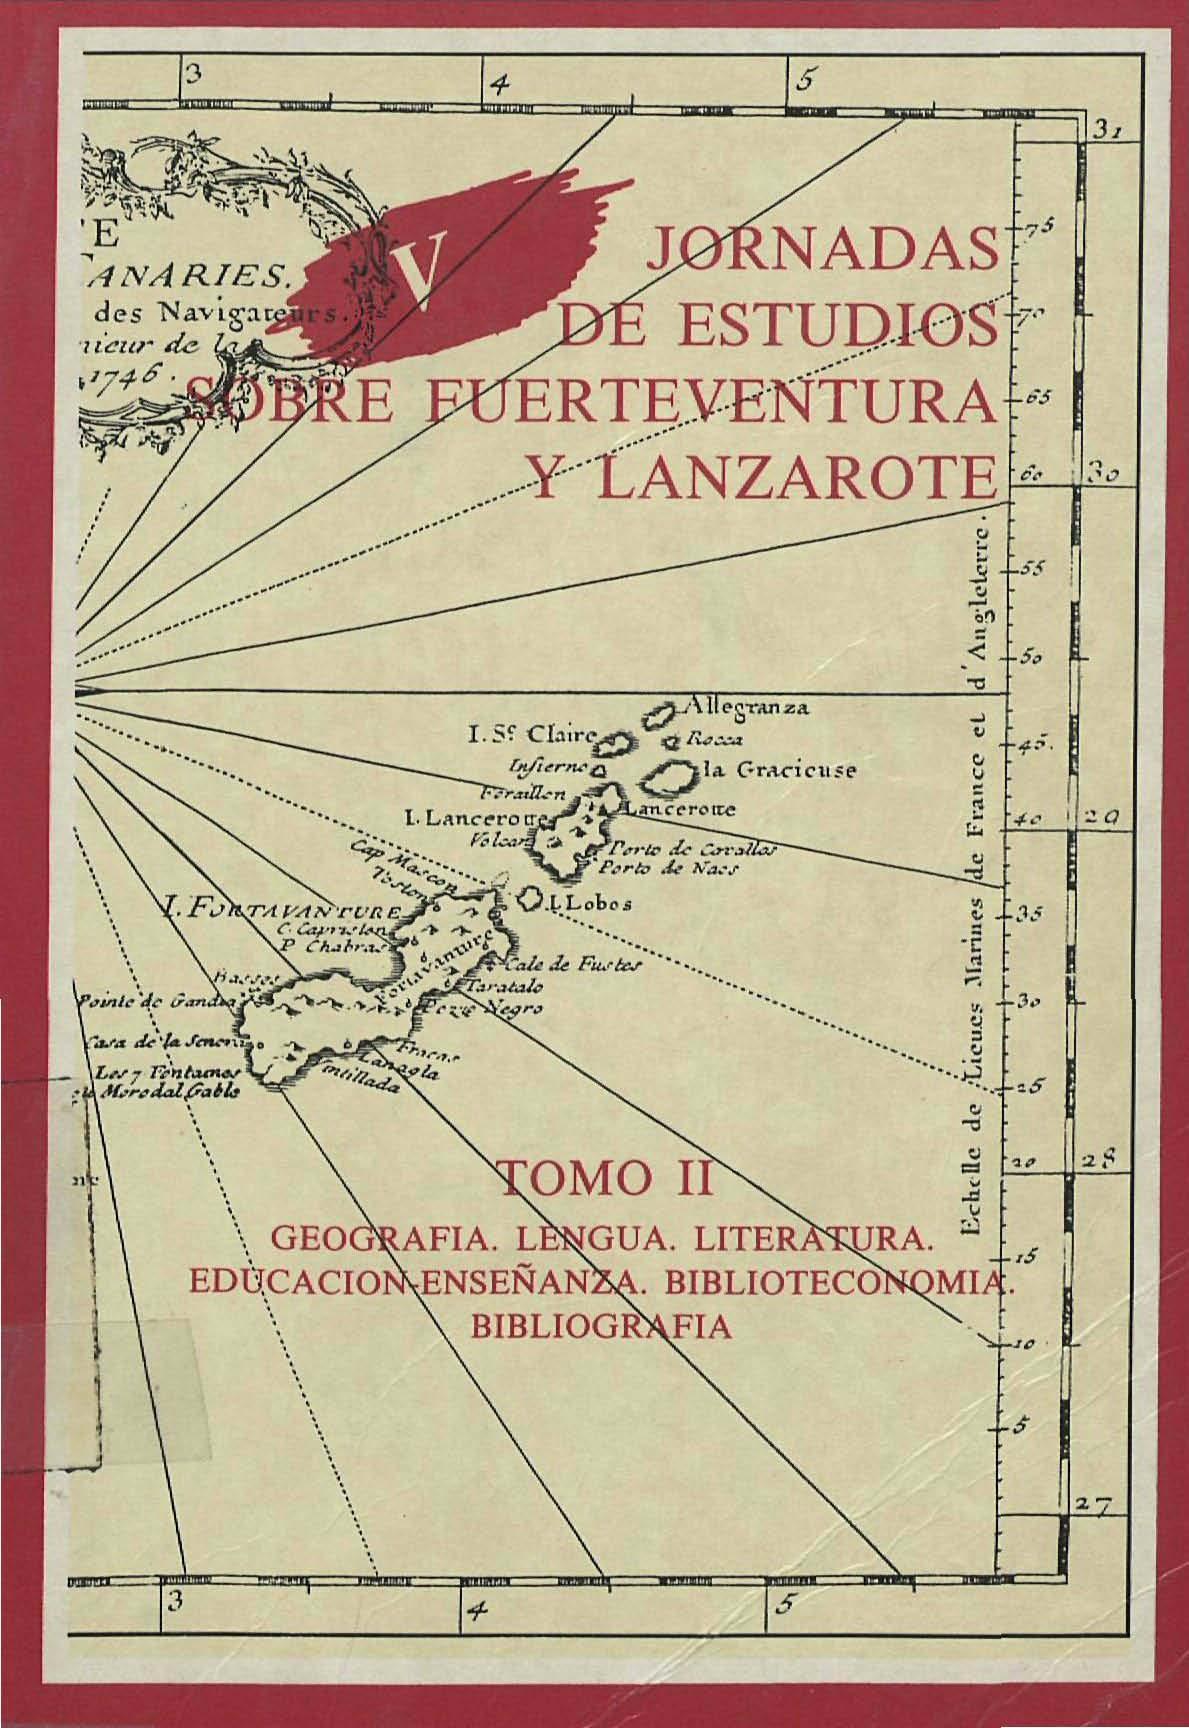 Aproximación al léxico marinero de Canarias (con especial referencia a Fuerteventura y Lanzarote)